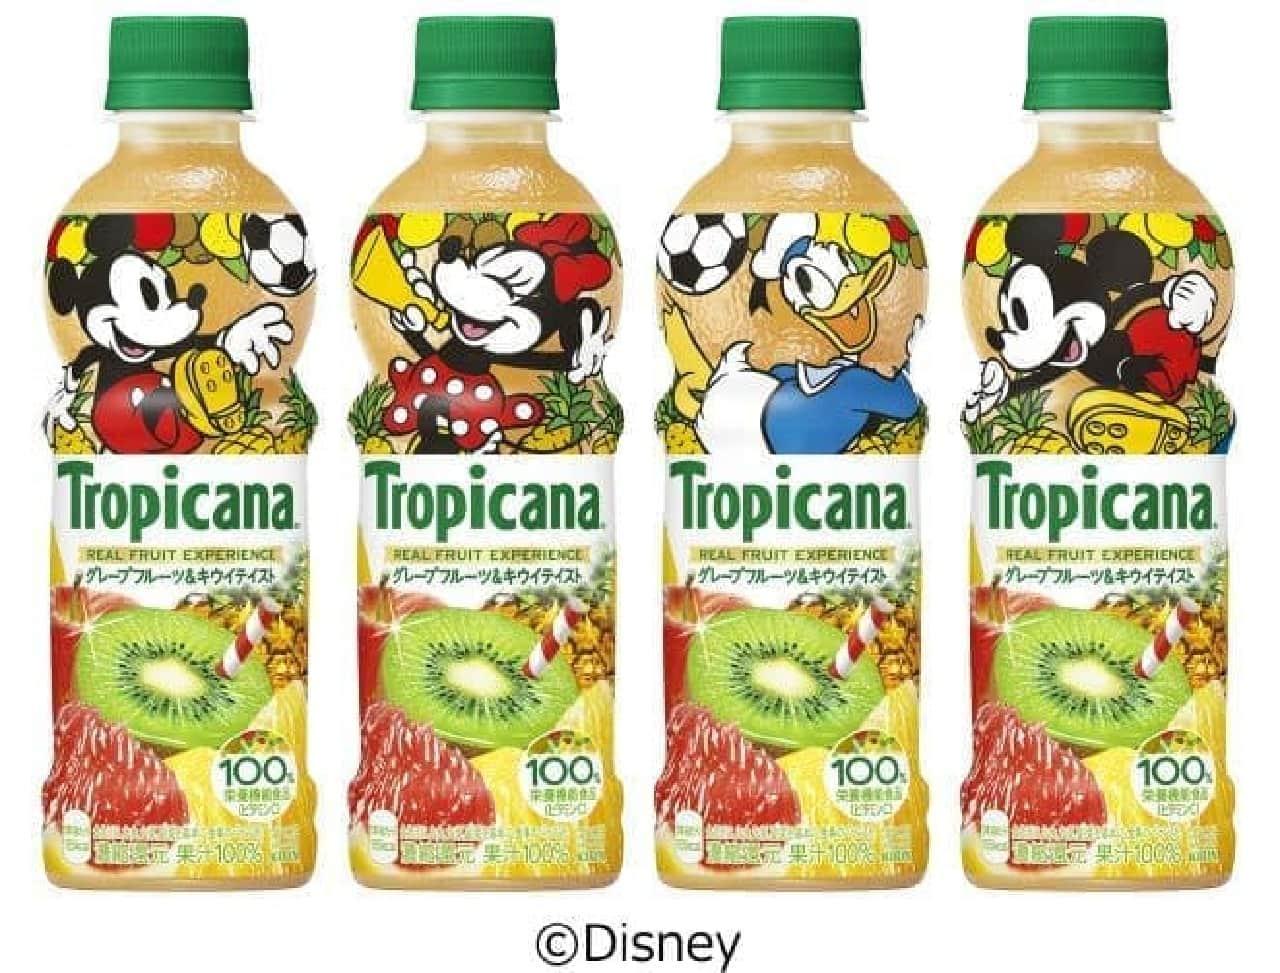 トロピカーナ 100% グレープフルーツ&キウイテイストは、4種のフルーツがブレンドされたもの